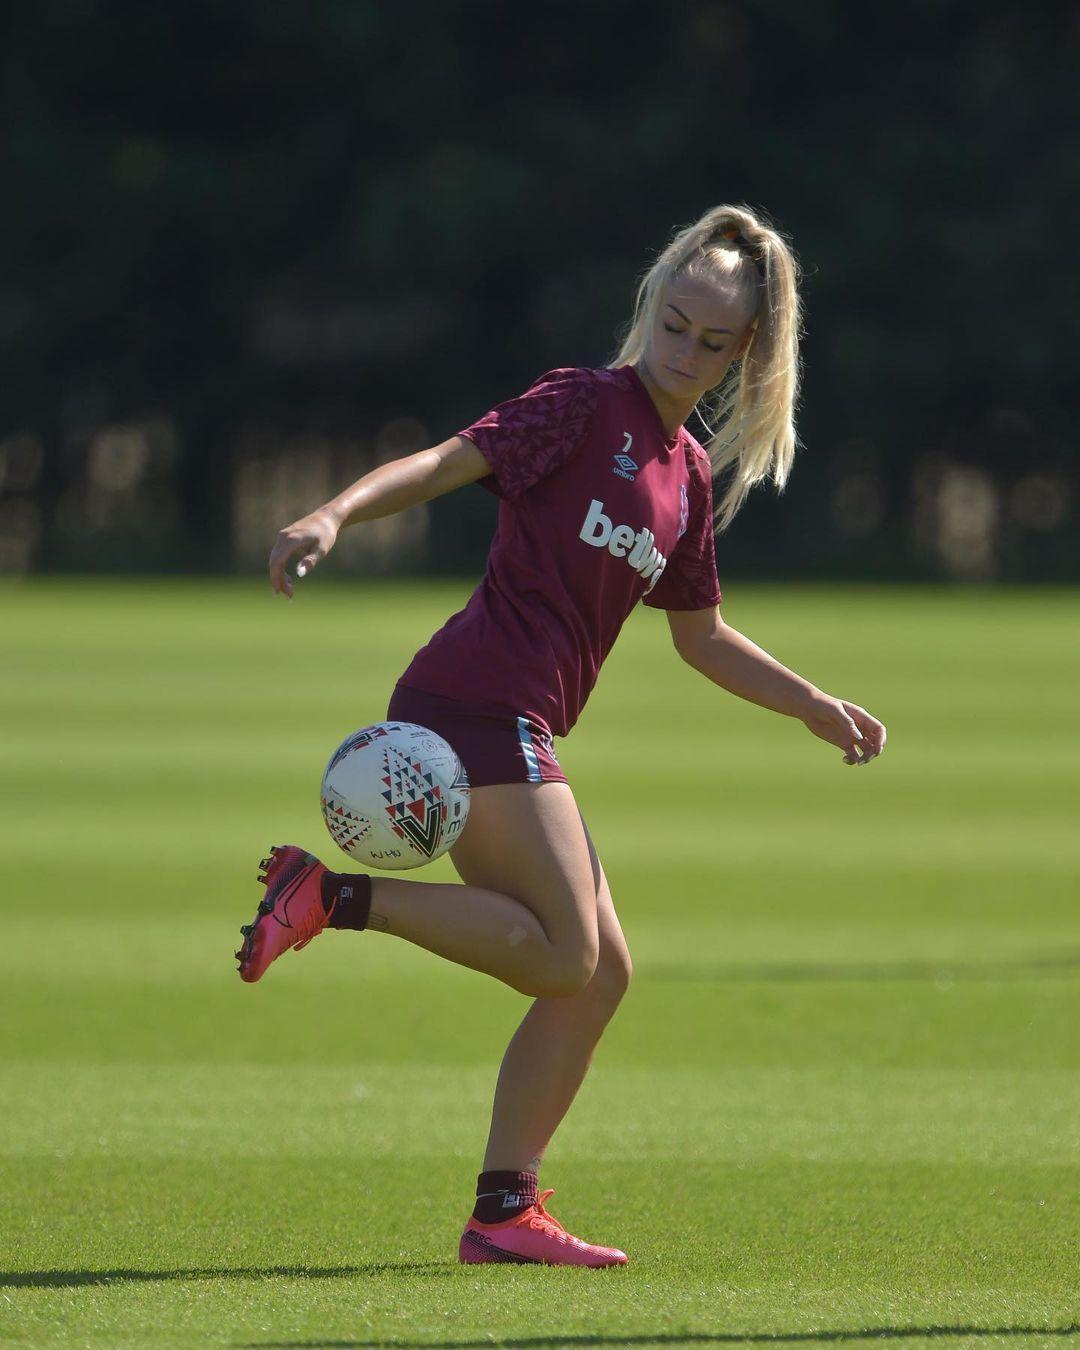 Alisha Lehmann En Instagram Westhamwomen In 2021 Soccer Girl Girls Soccer Pictures Football Girls